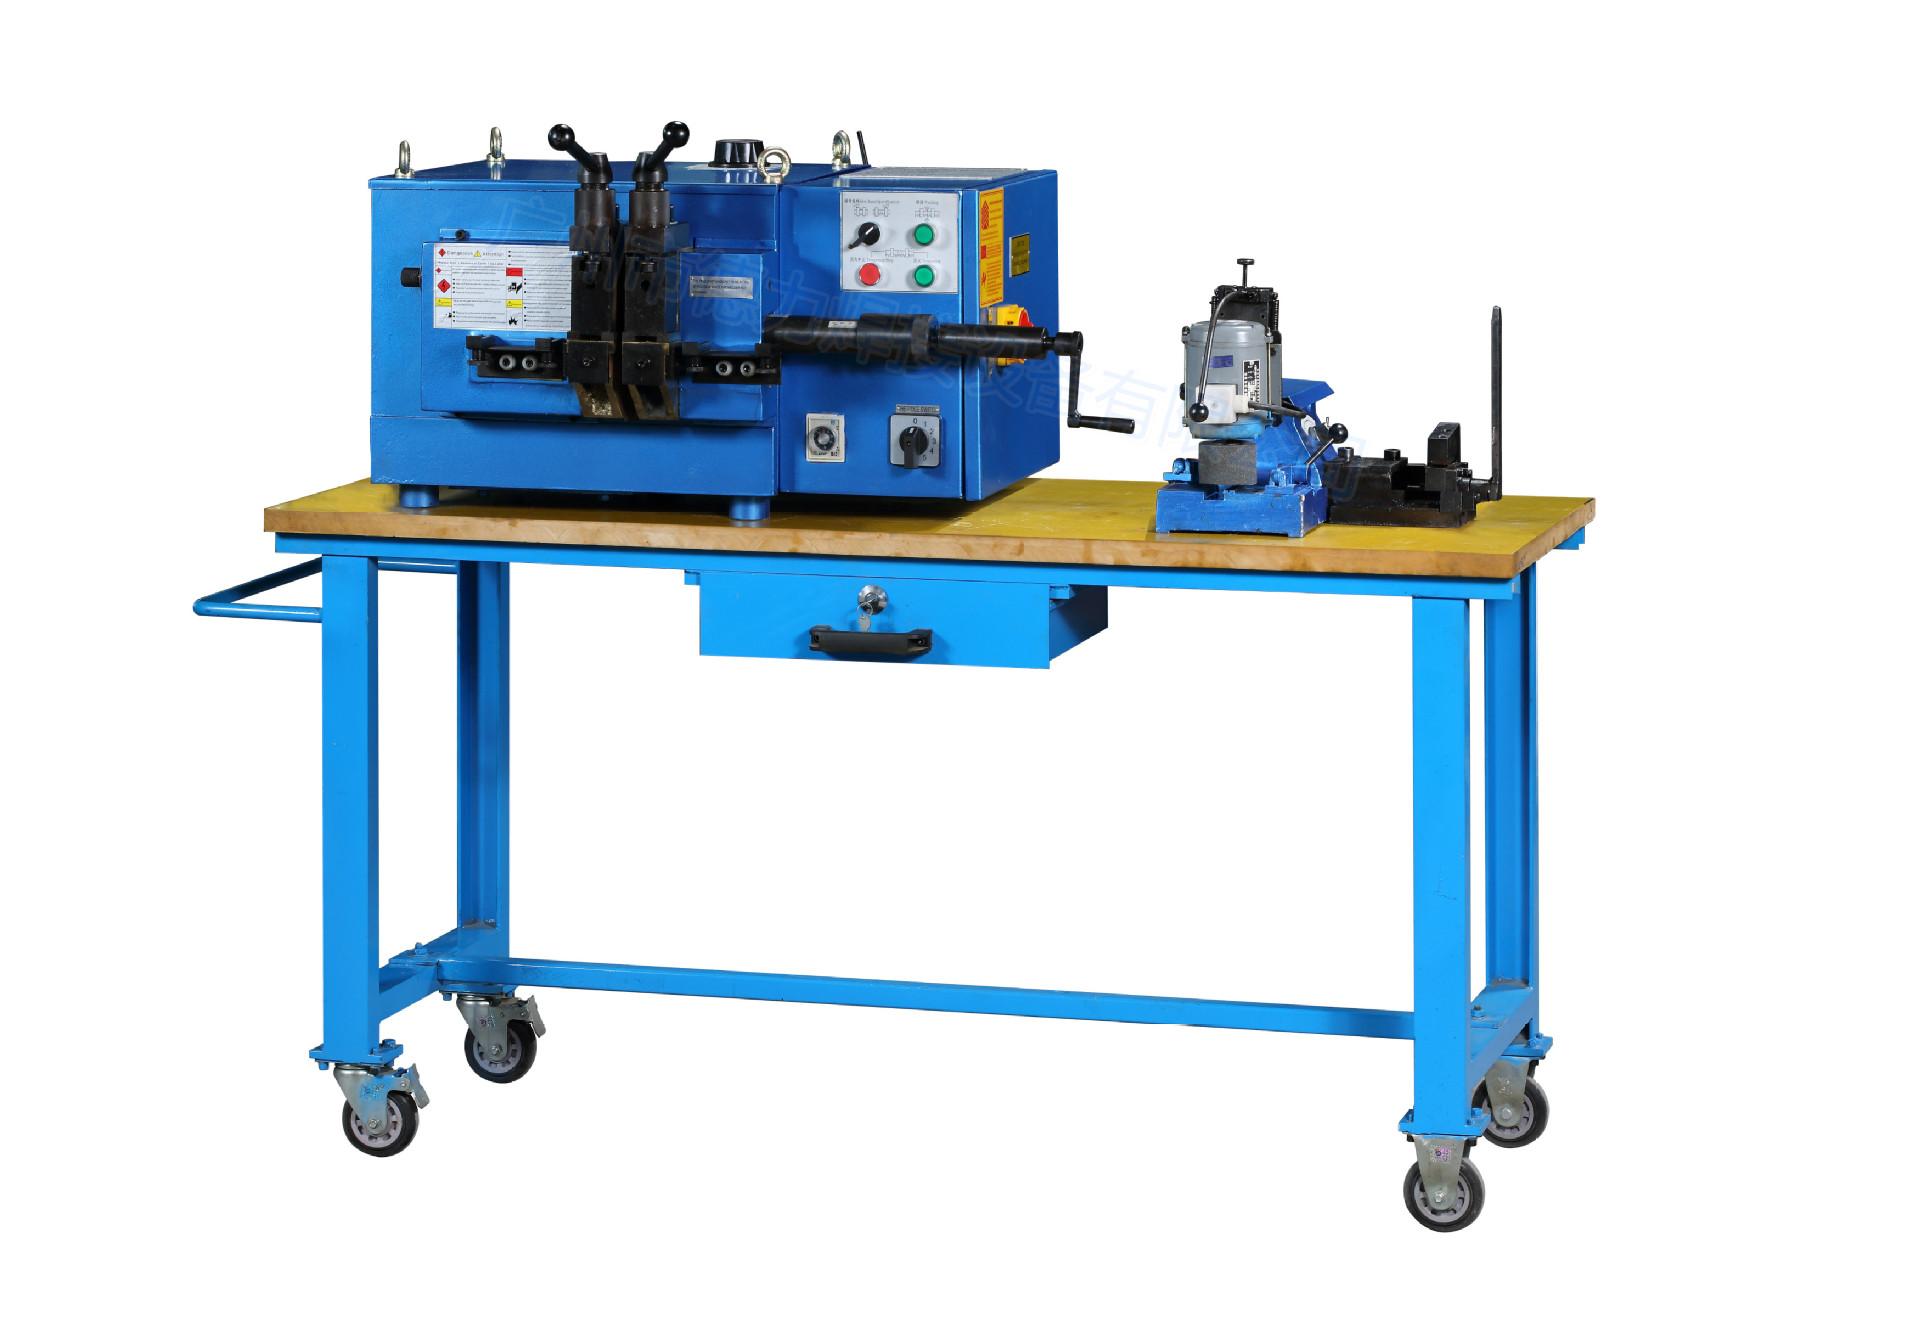 钢带对焊机 锯片对焊机 带锯条对焊机 自动锯片对焊机 带锯